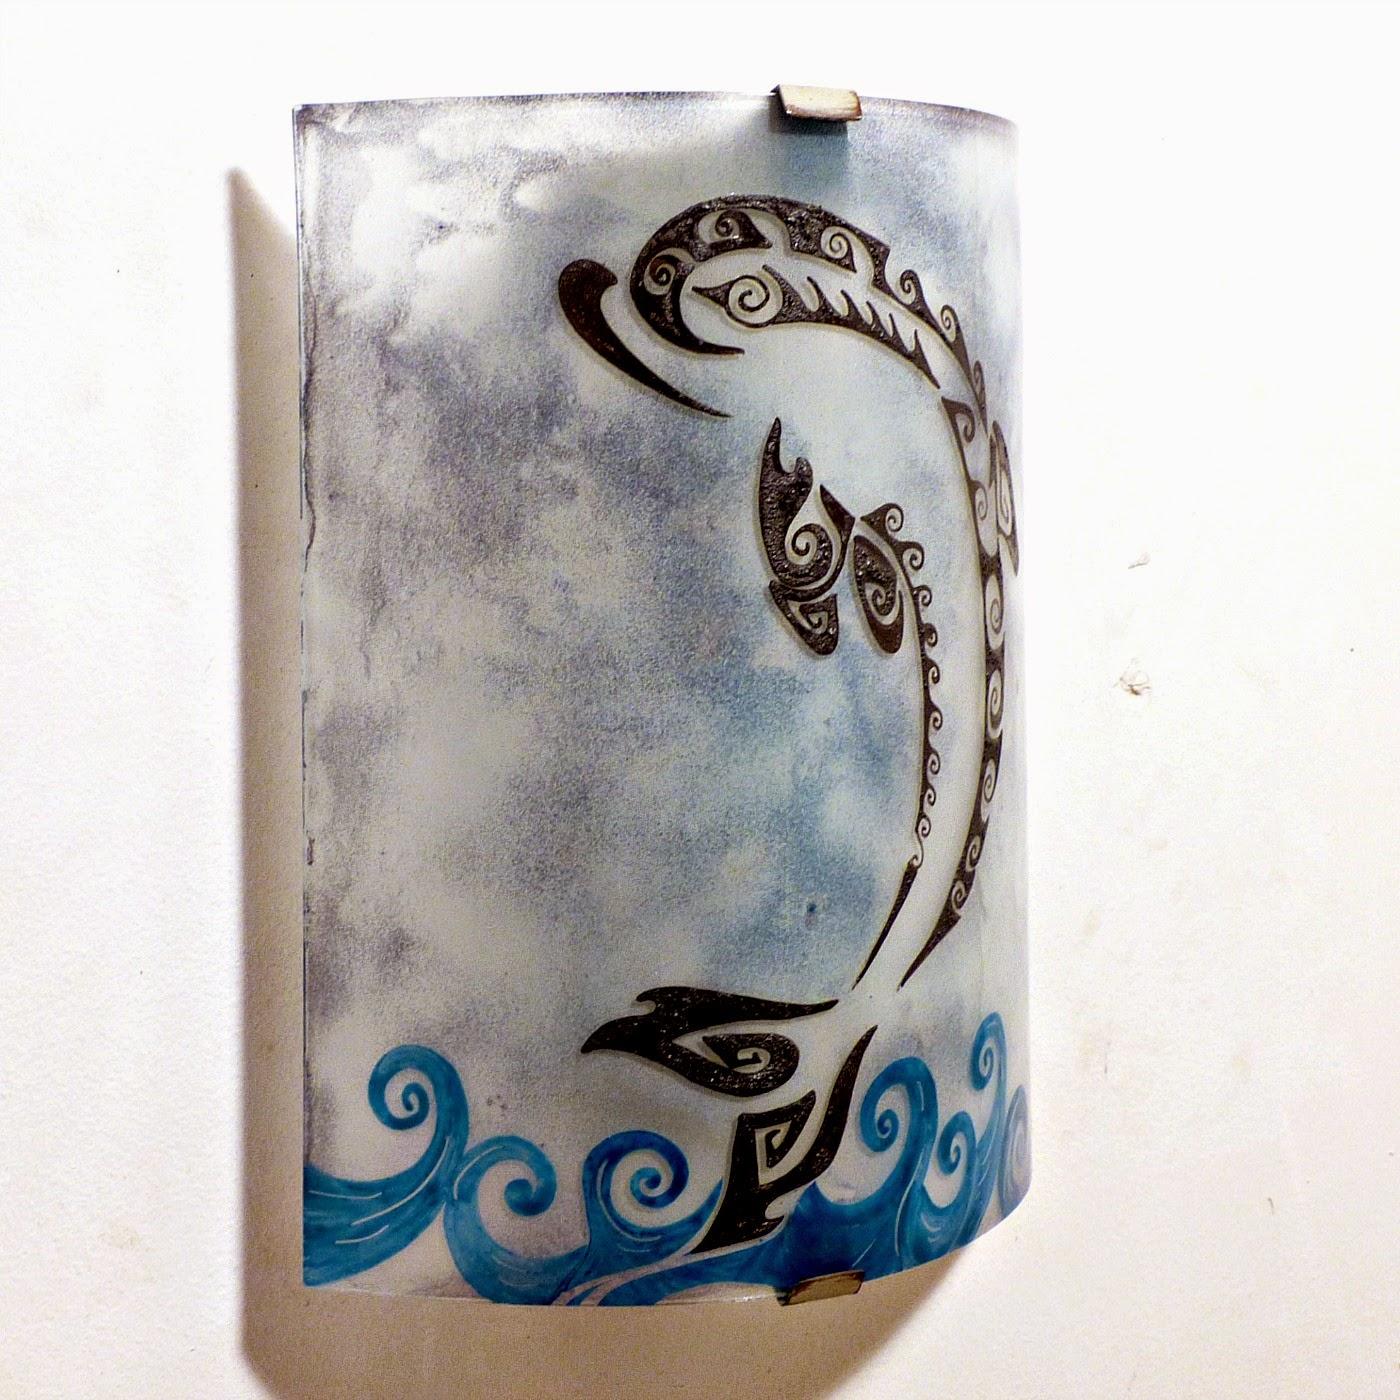 Luminaire applique murale gris bleute motif dauphin stylise 1